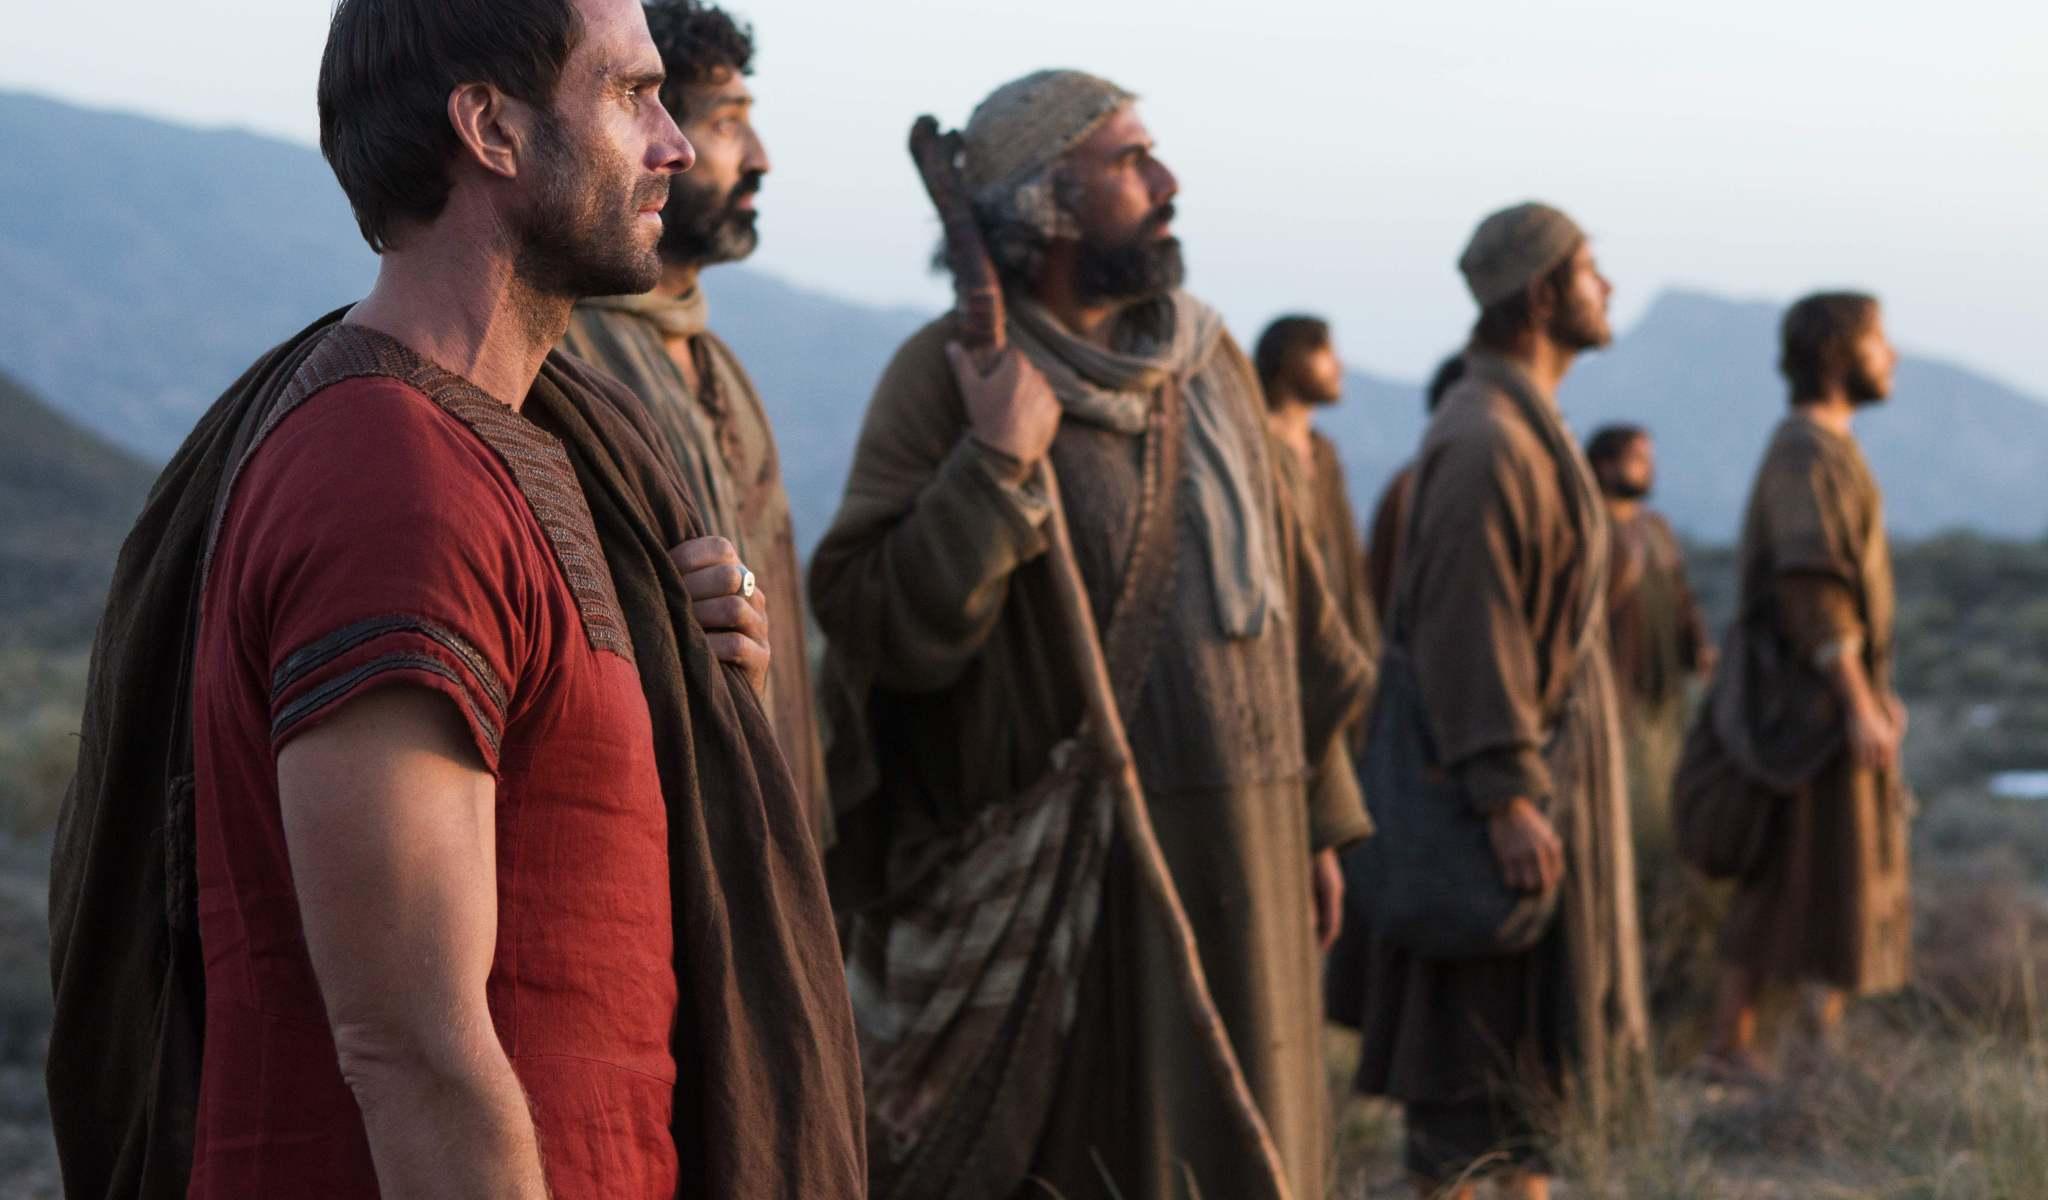 Clavius (Joseph Fiennes) con los discípulos de Jesús, son testigos de un milagro. Risen - Columbia Pictures